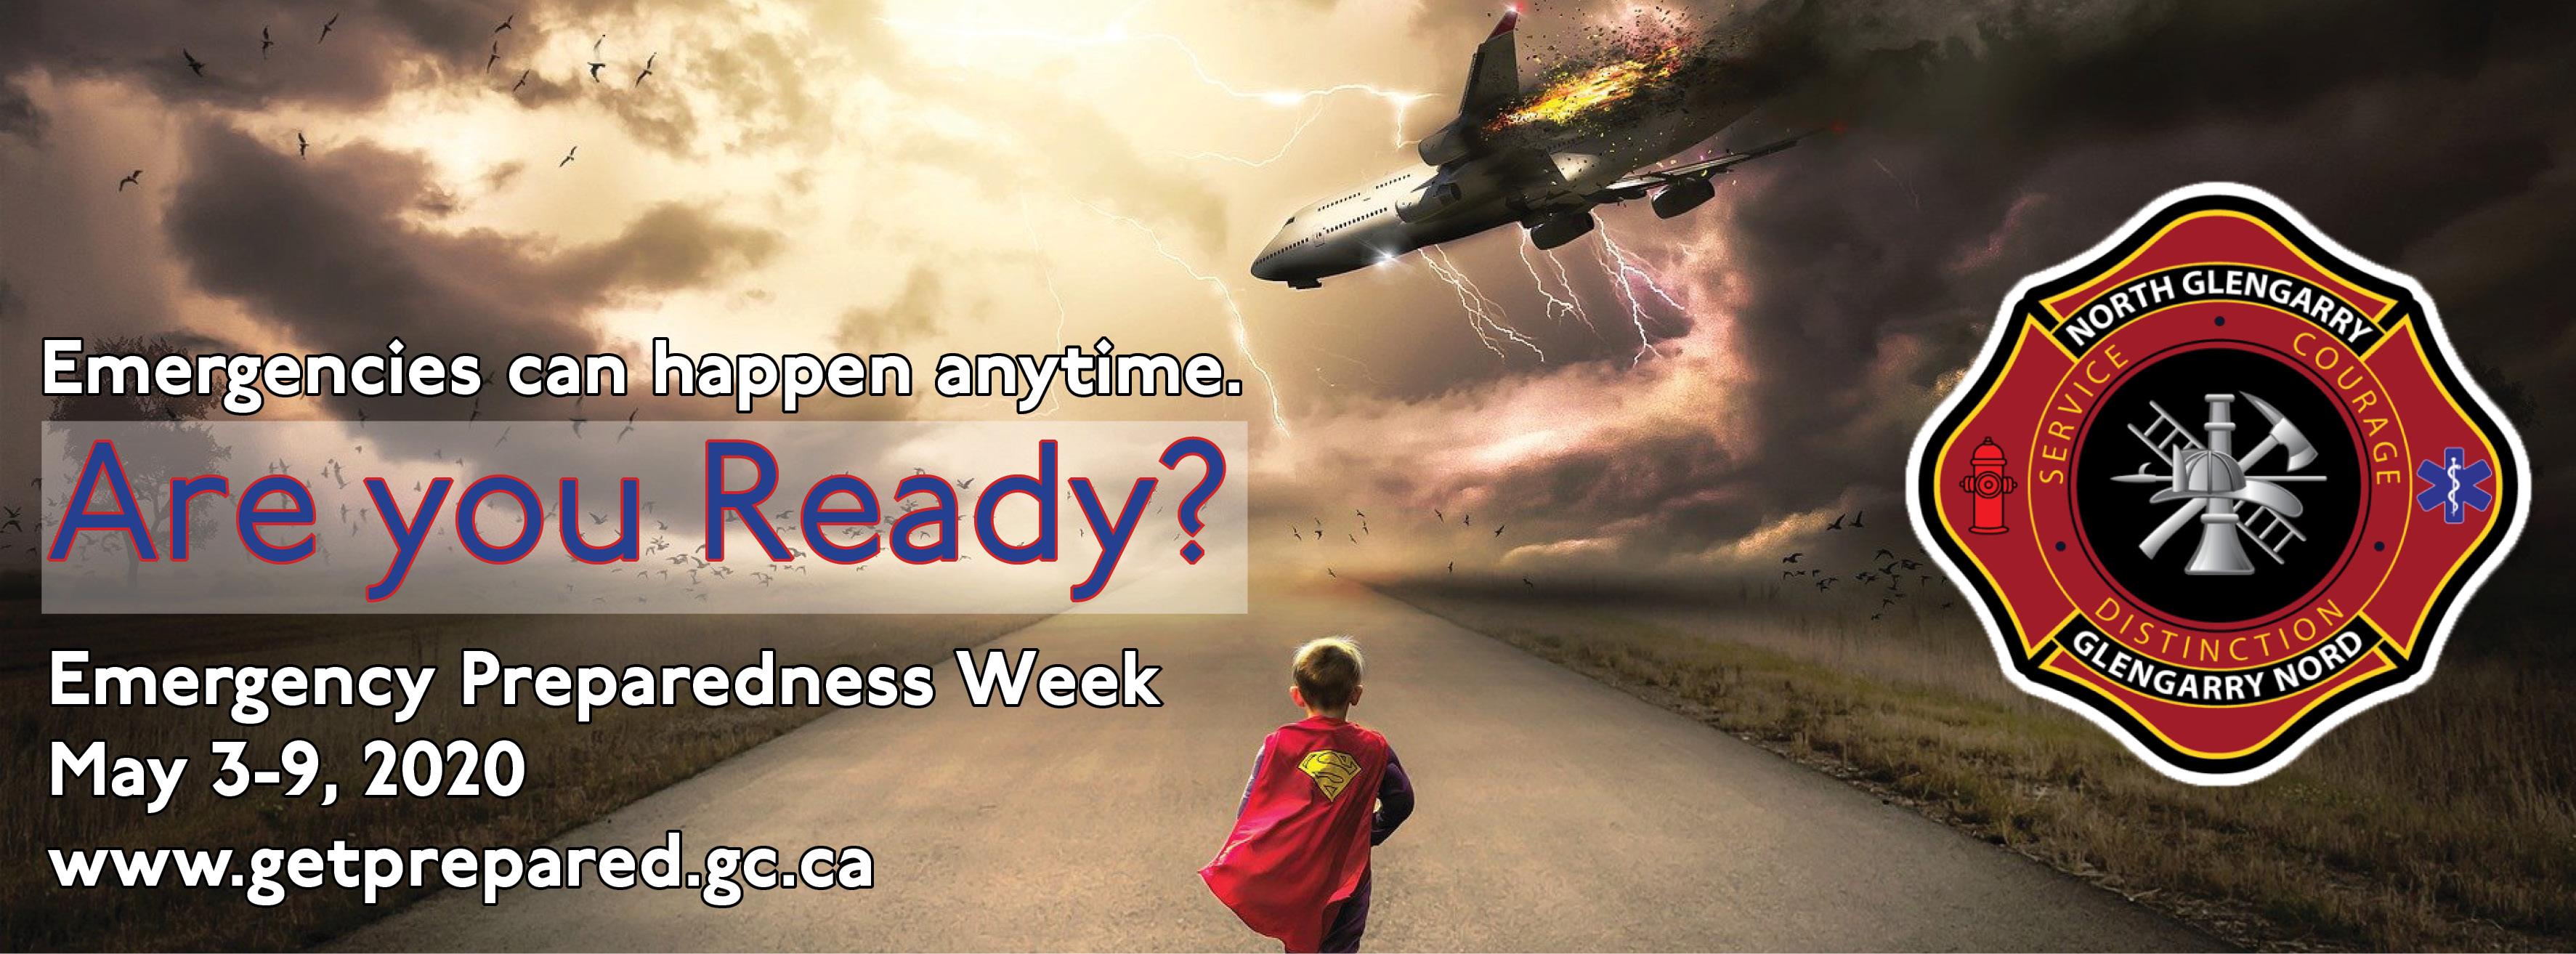 2020 Emergency Preparedness Week